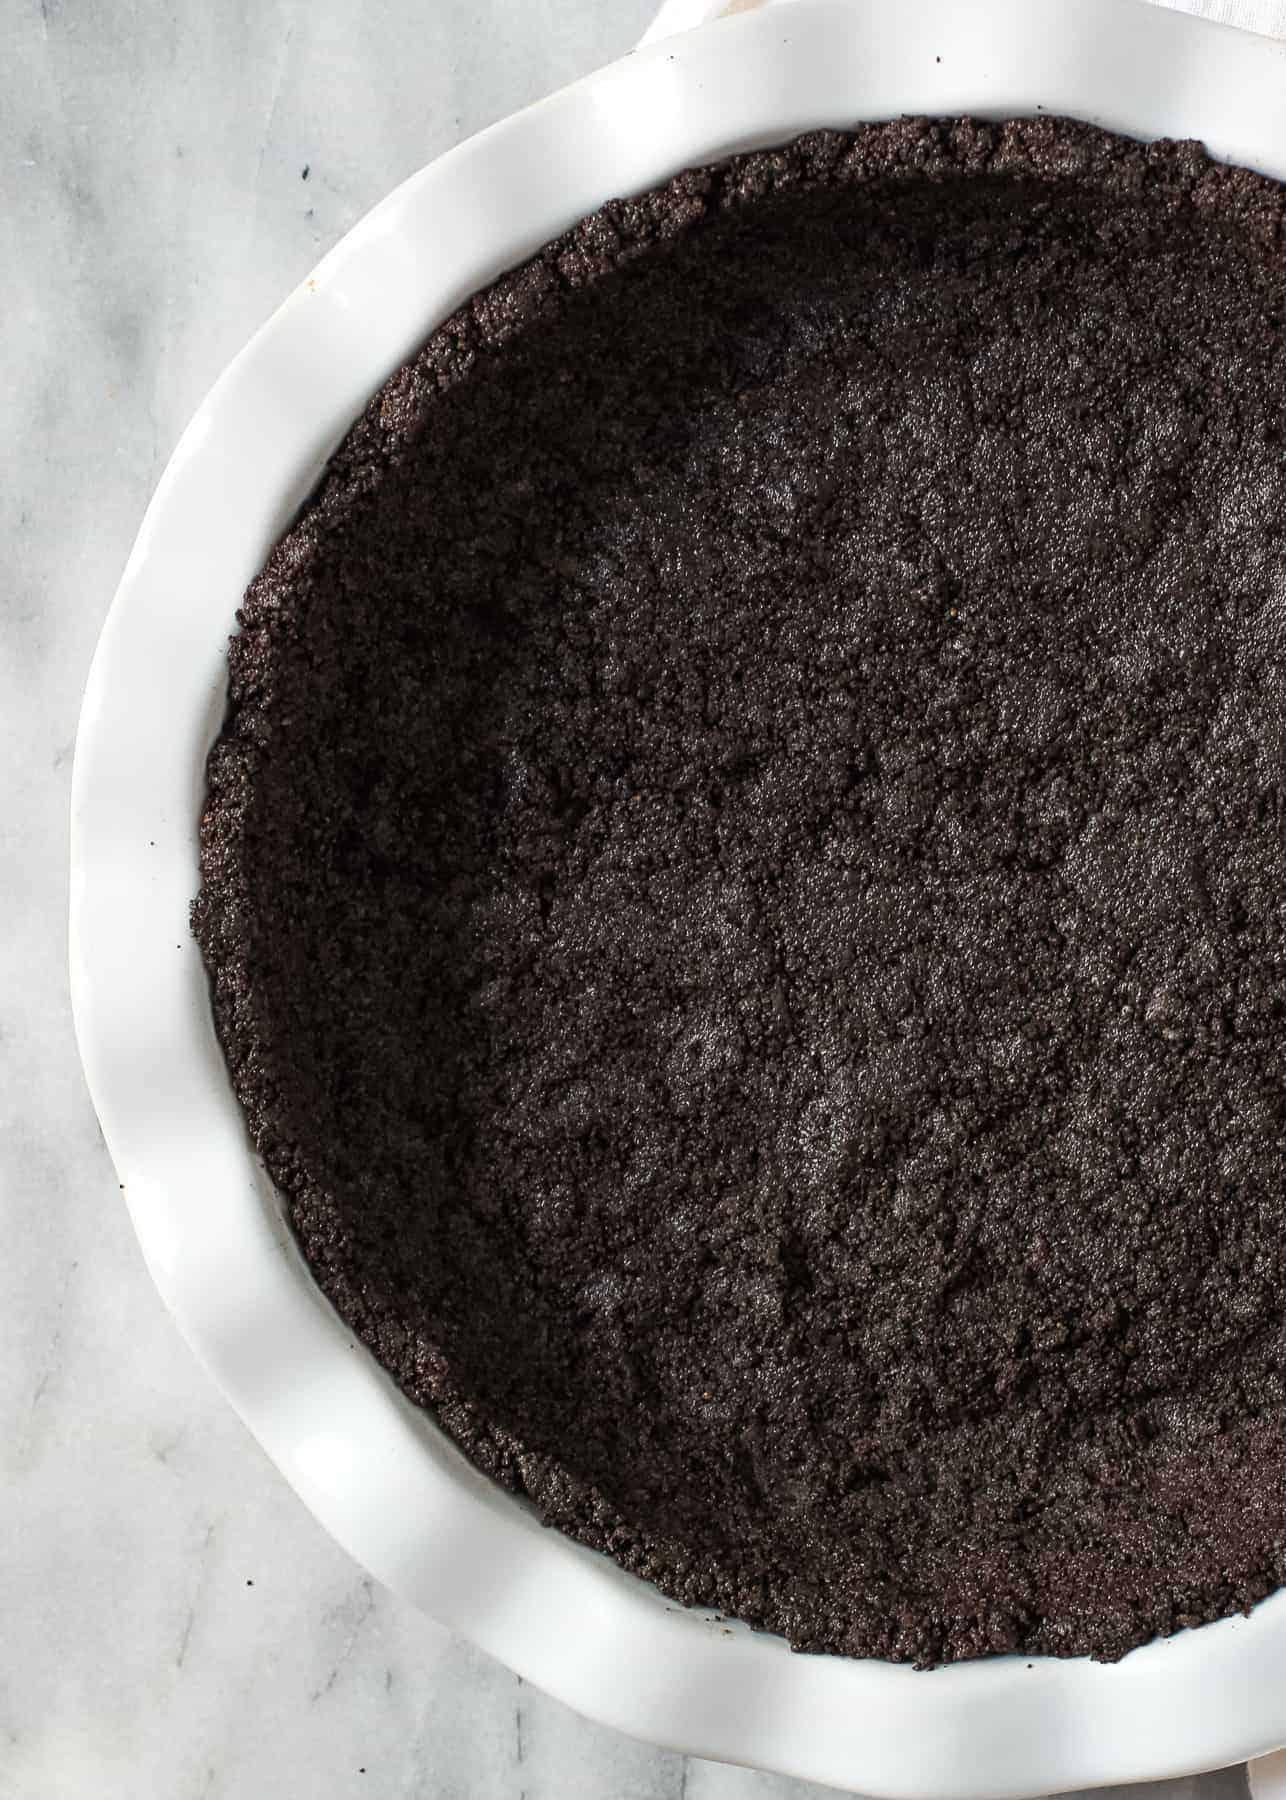 Oreo crust recipe in a pie plate